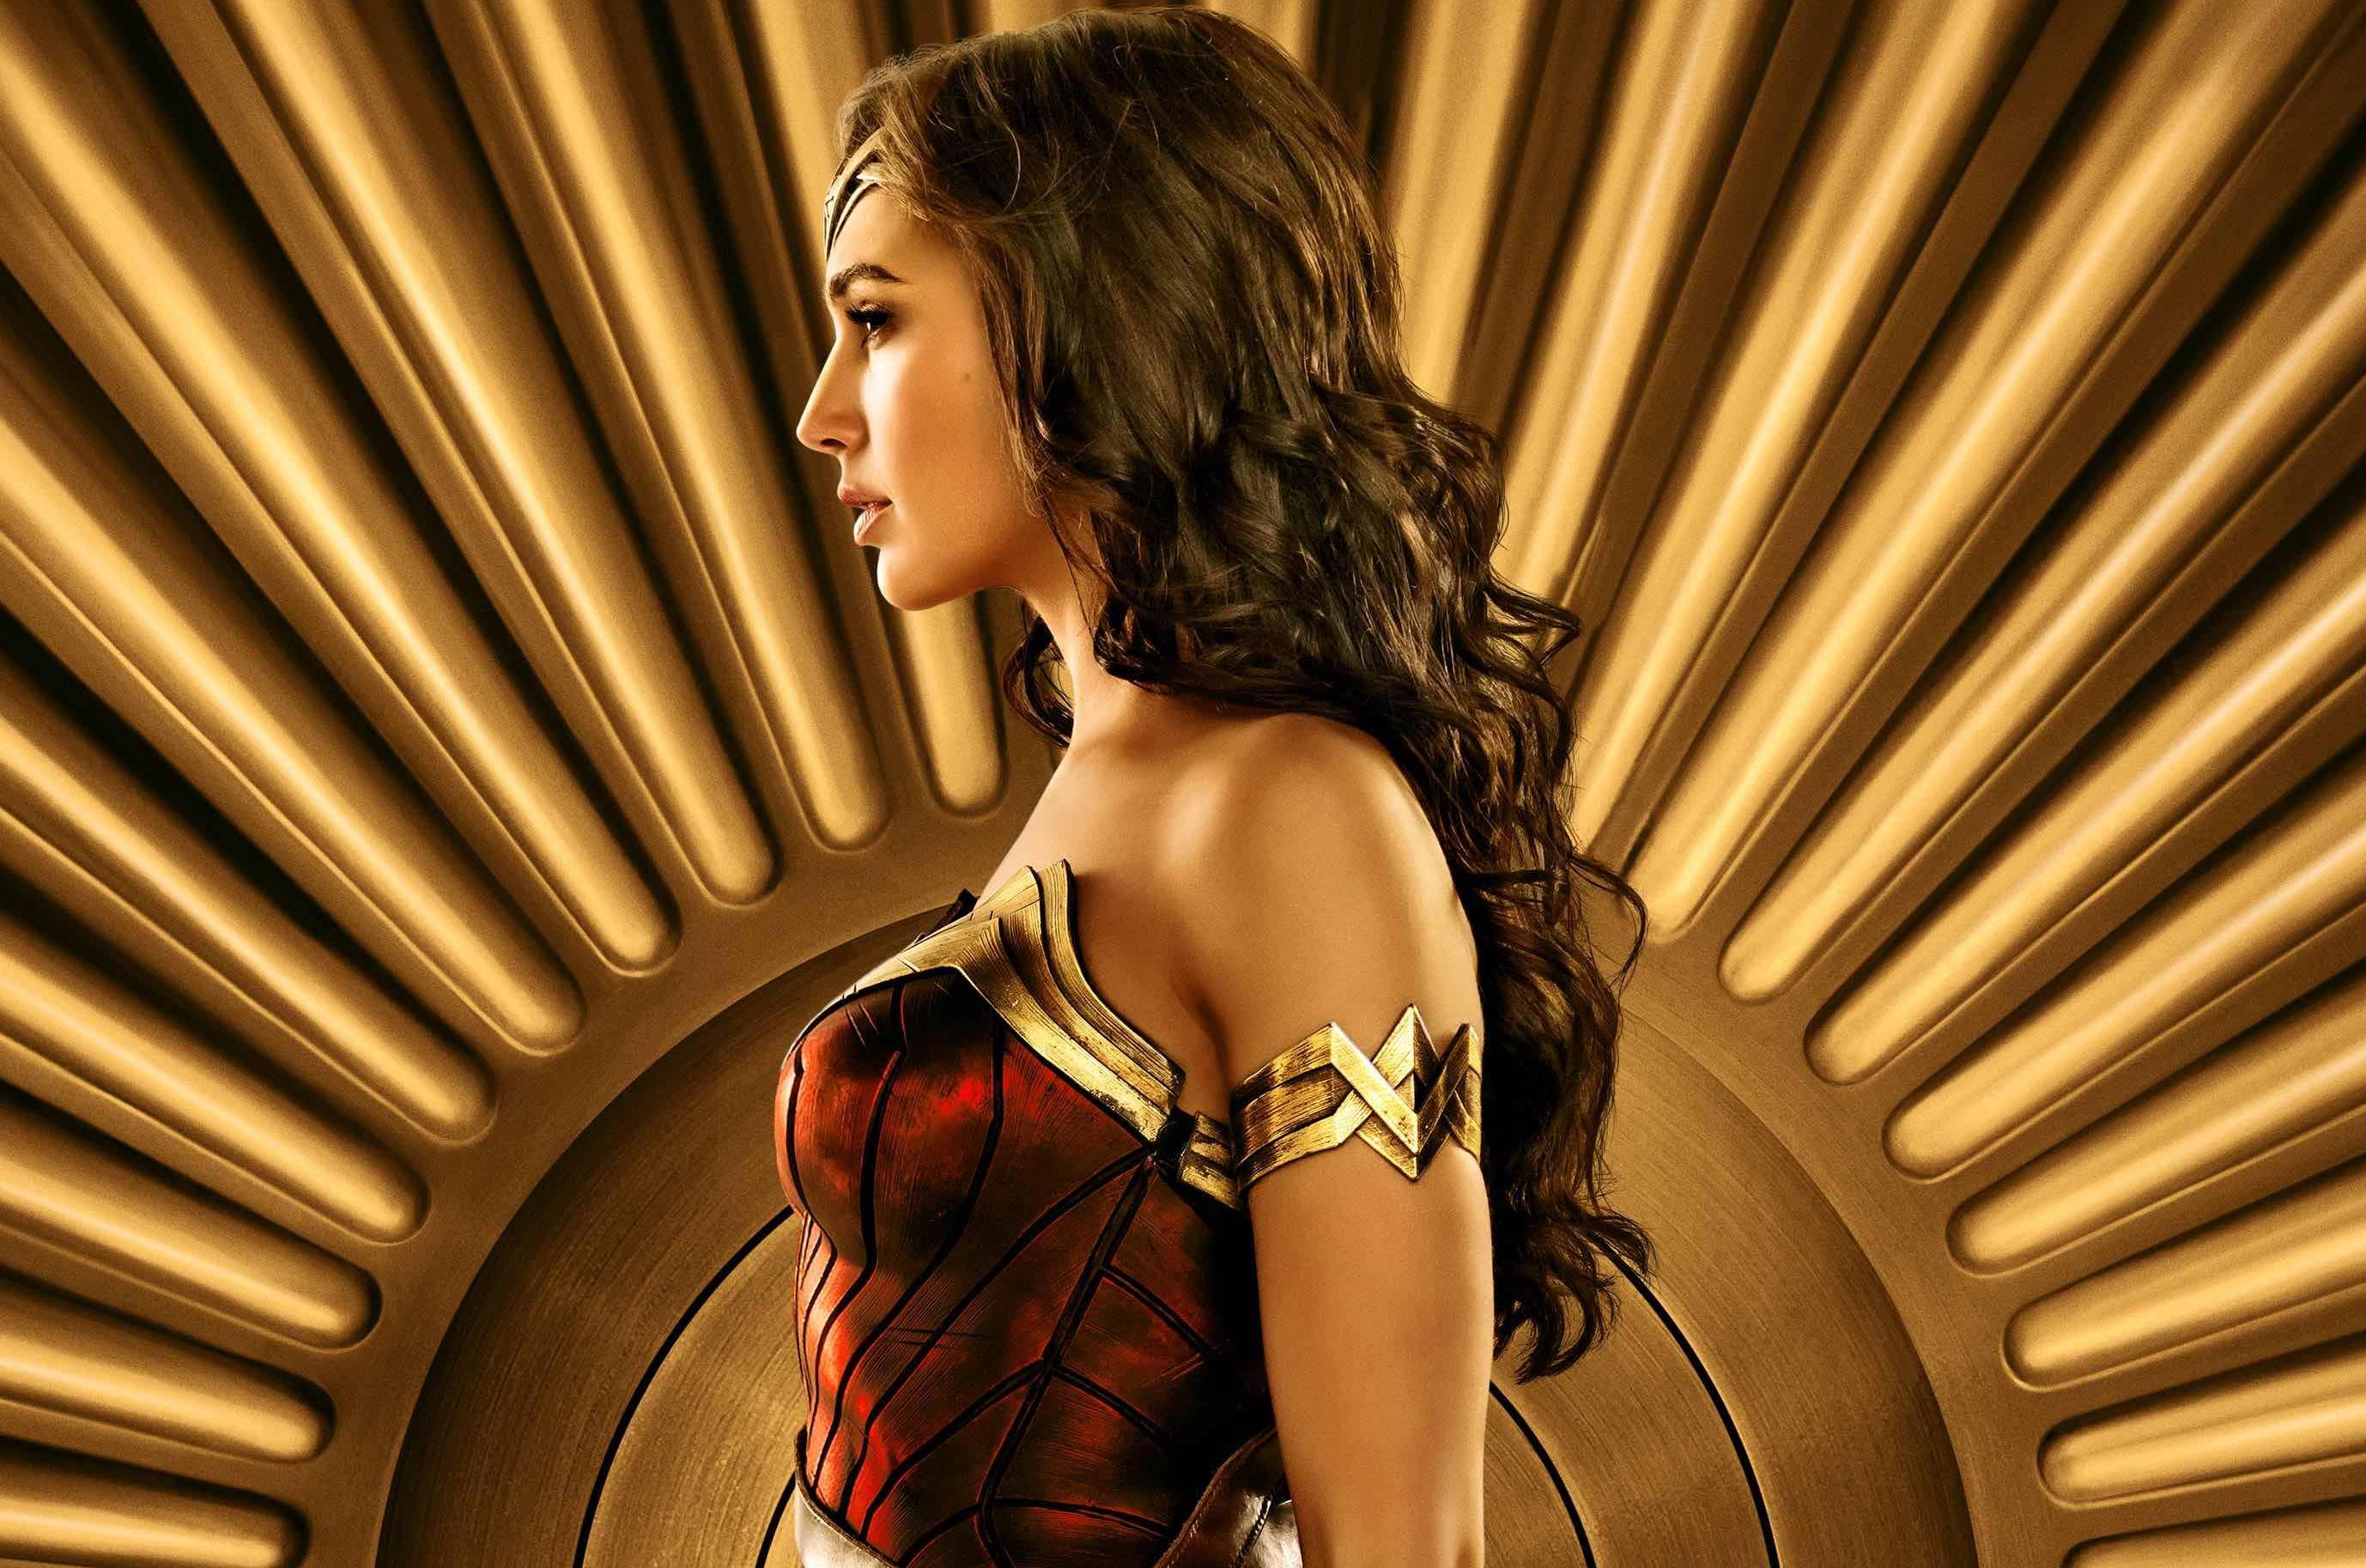 《神奇女侠》IMAX海报曝光 刚柔并济展示女性力量